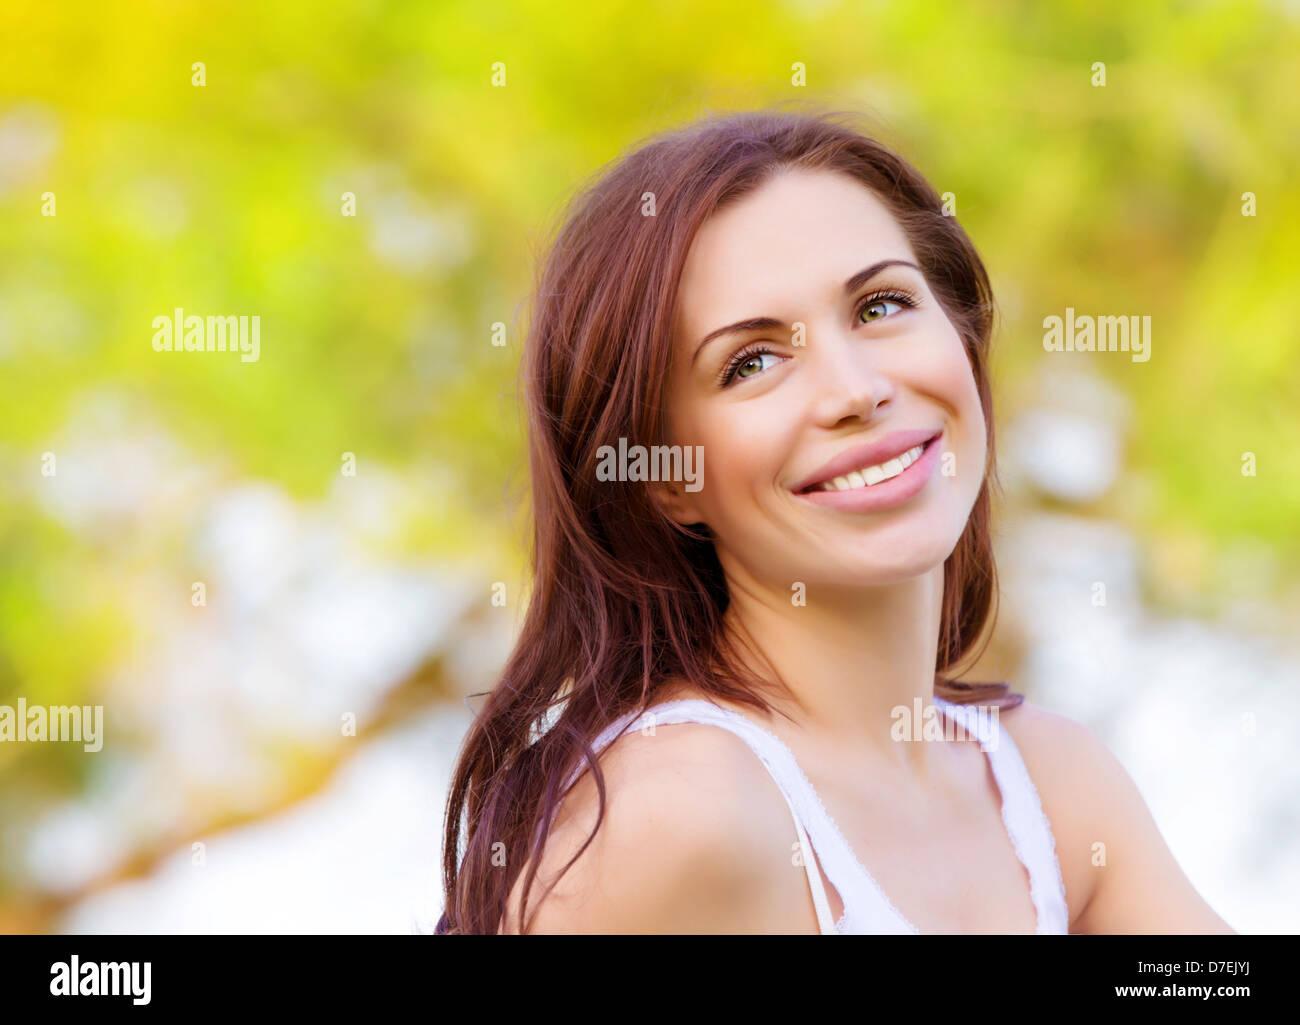 Closeup Portrait schöne Brünette Frau in Spring Park, Spaß im Freien, Freiheit und Glück-Konzept Stockbild